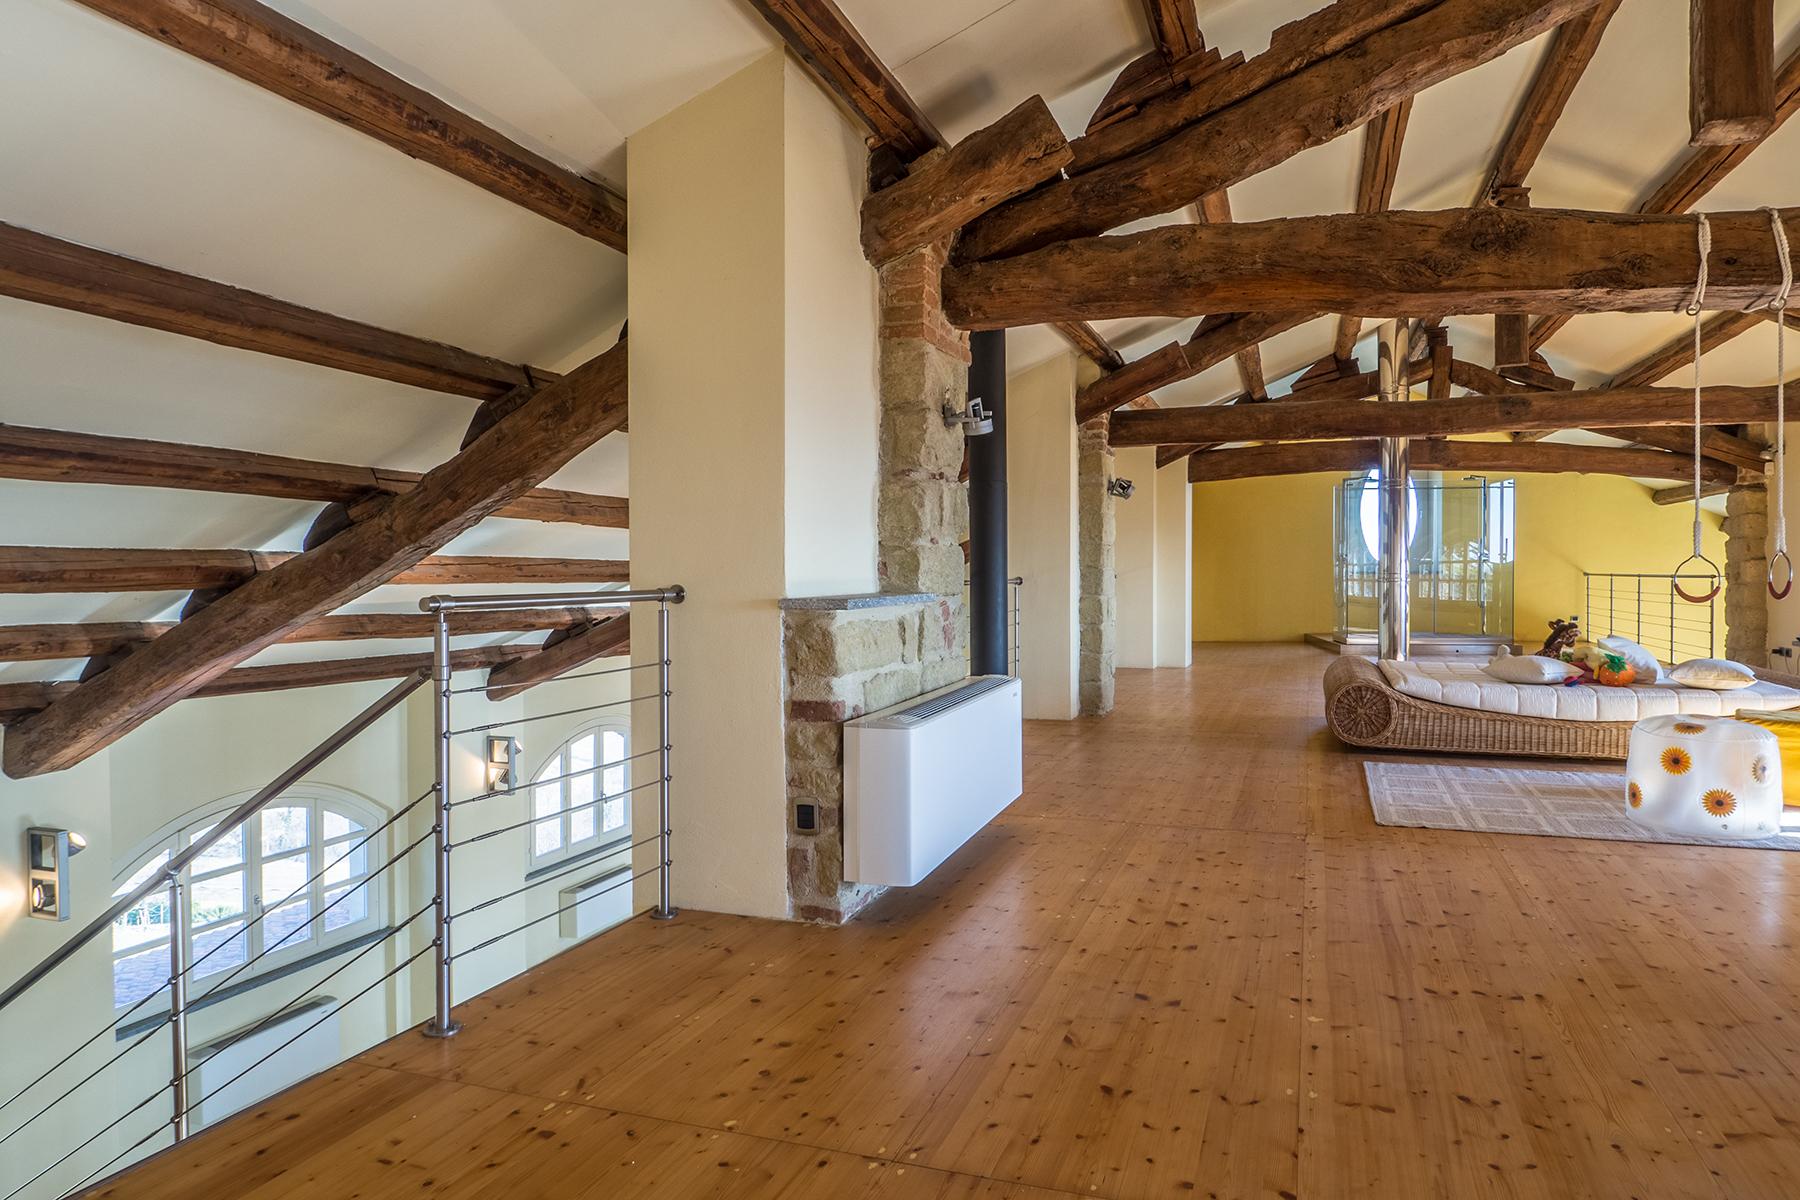 Rustico in Vendita a Vignale Monferrato: 5 locali, 1400 mq - Foto 20